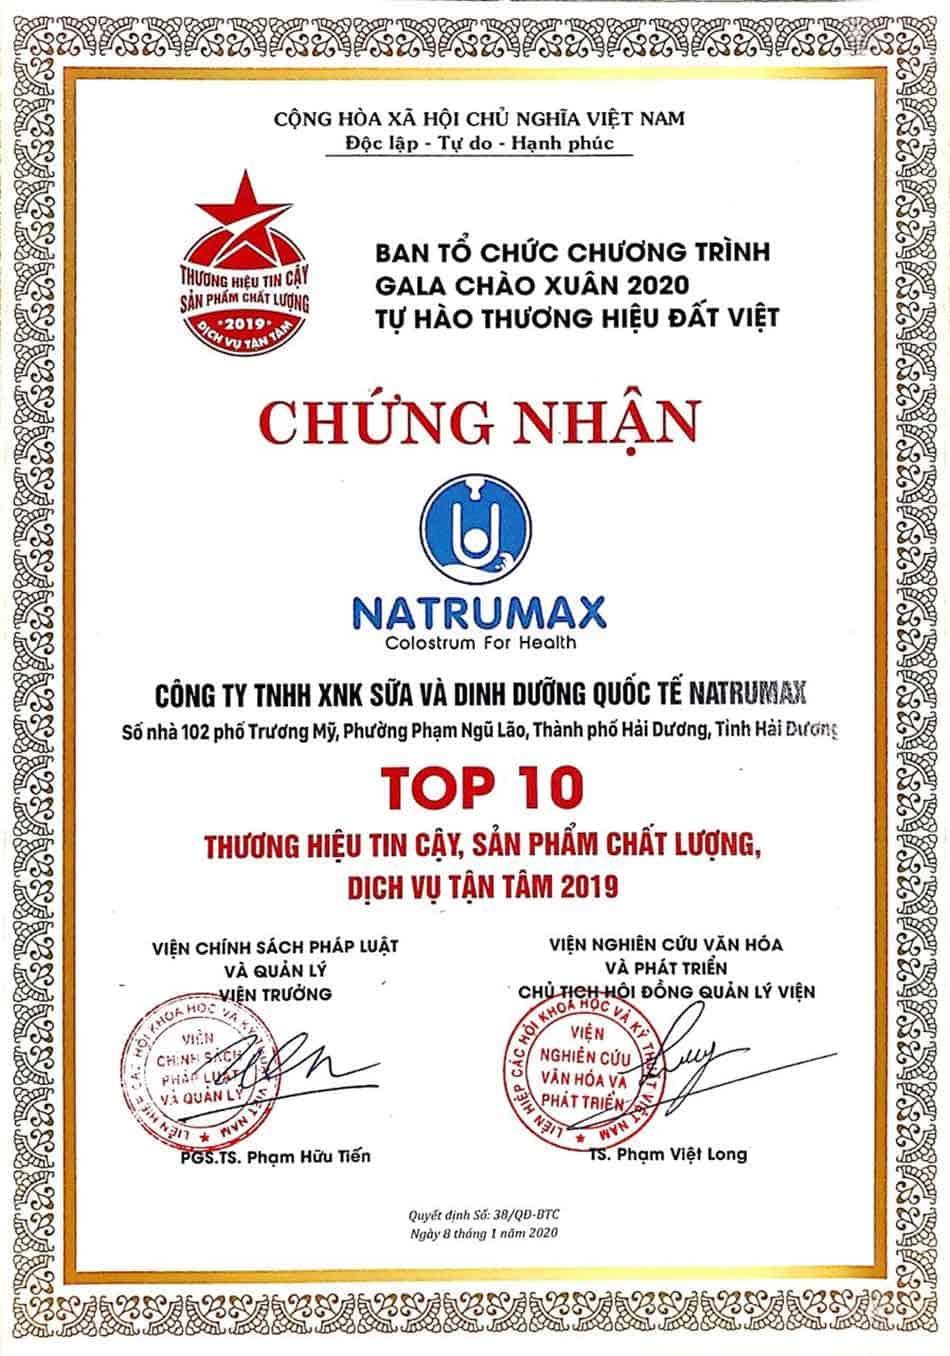 Công ty TNHH Sữa và Dinh dưỡng Quốc tế Natrumax được chứng nhận TOP 10 Thương hiệu tin cậy